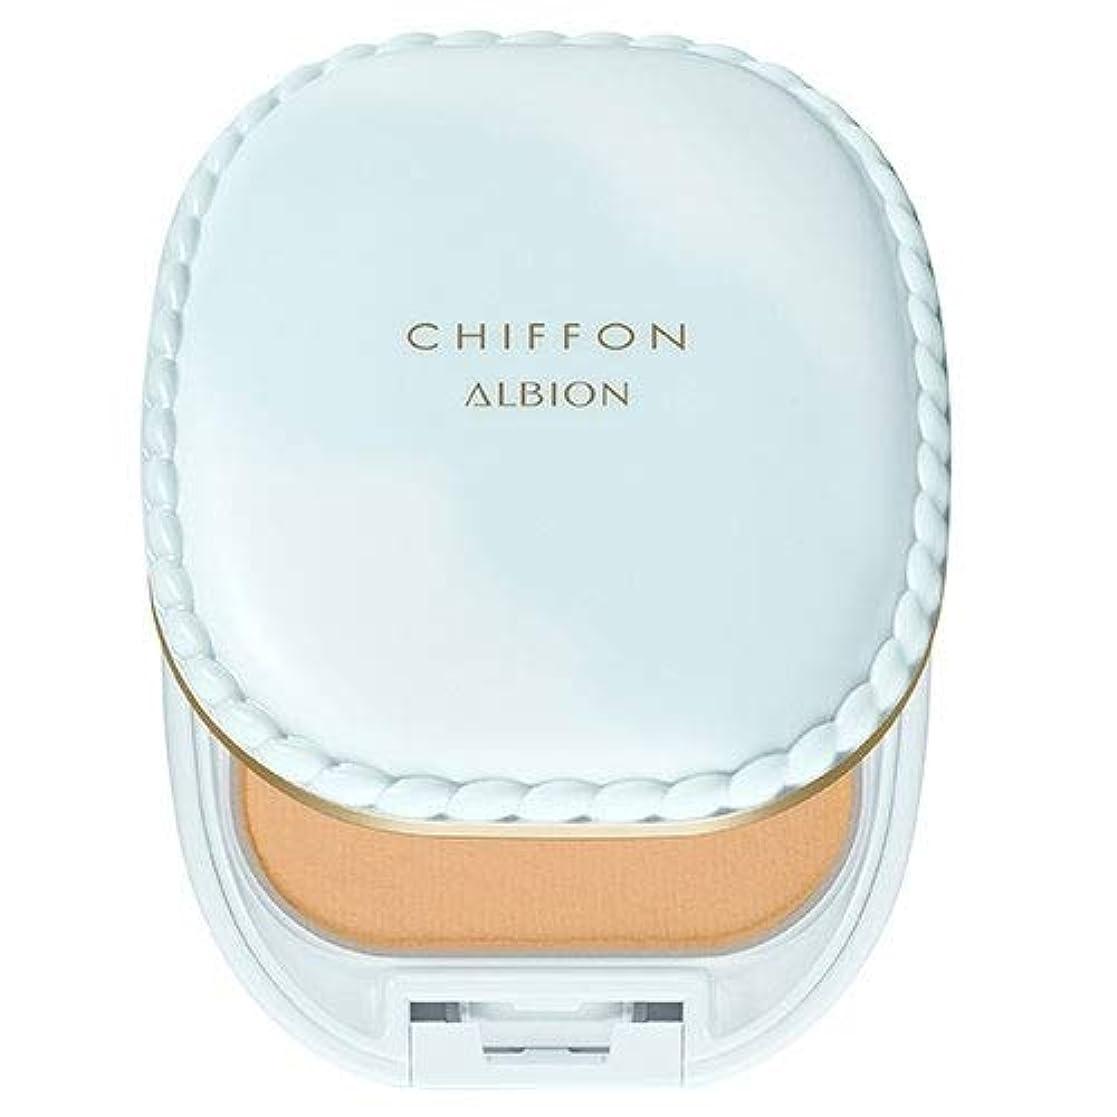 アルビオン スノー ホワイト シフォン 全6色 SPF25?PA++ 10g (レフィルのみ) -ALBION- 040